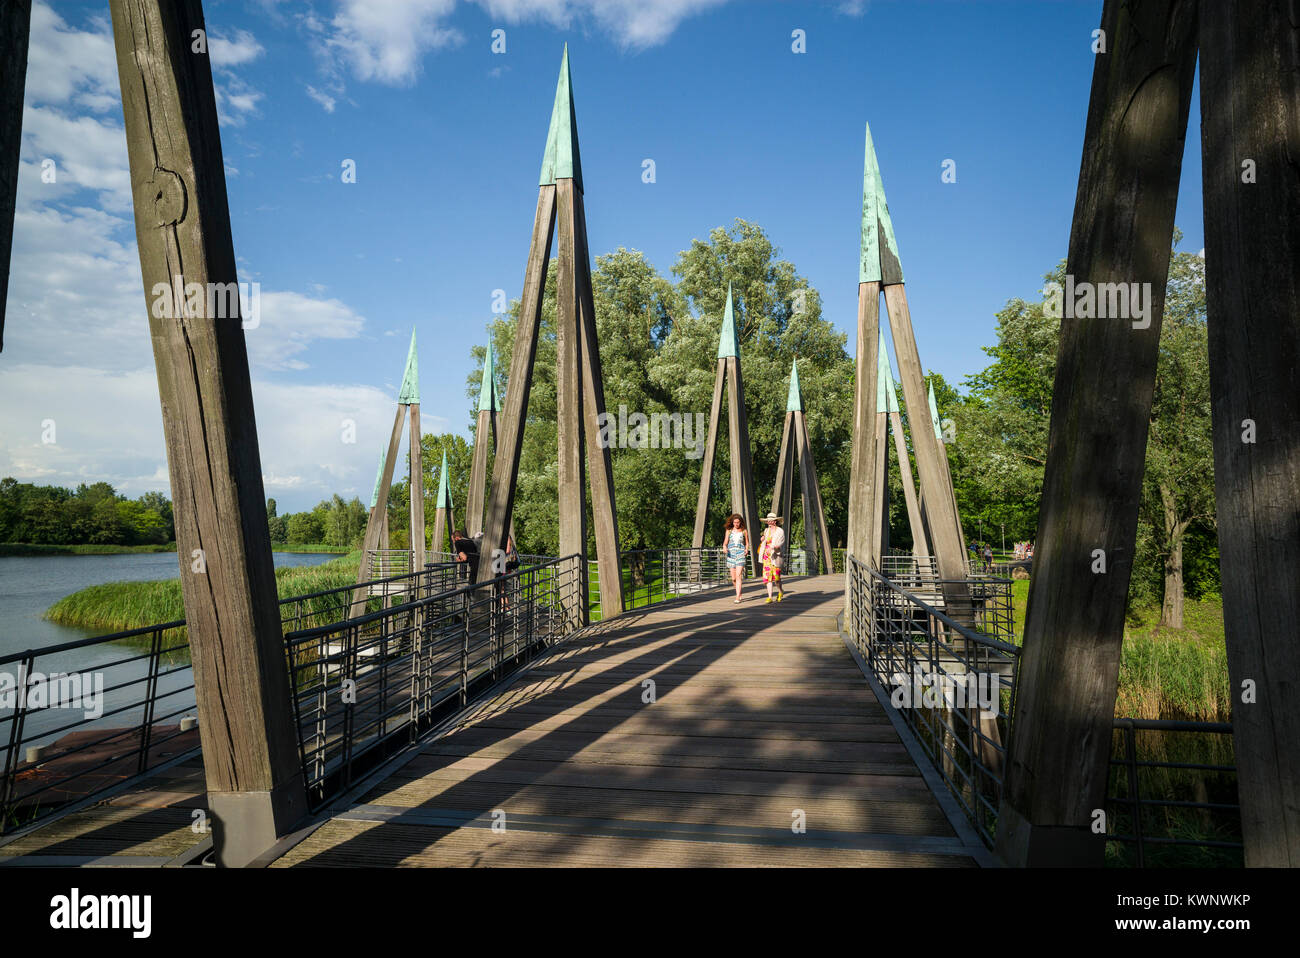 Berlin. Germany. Wooden bridge in the Britzer Garten, Neukölln. Stock Photo